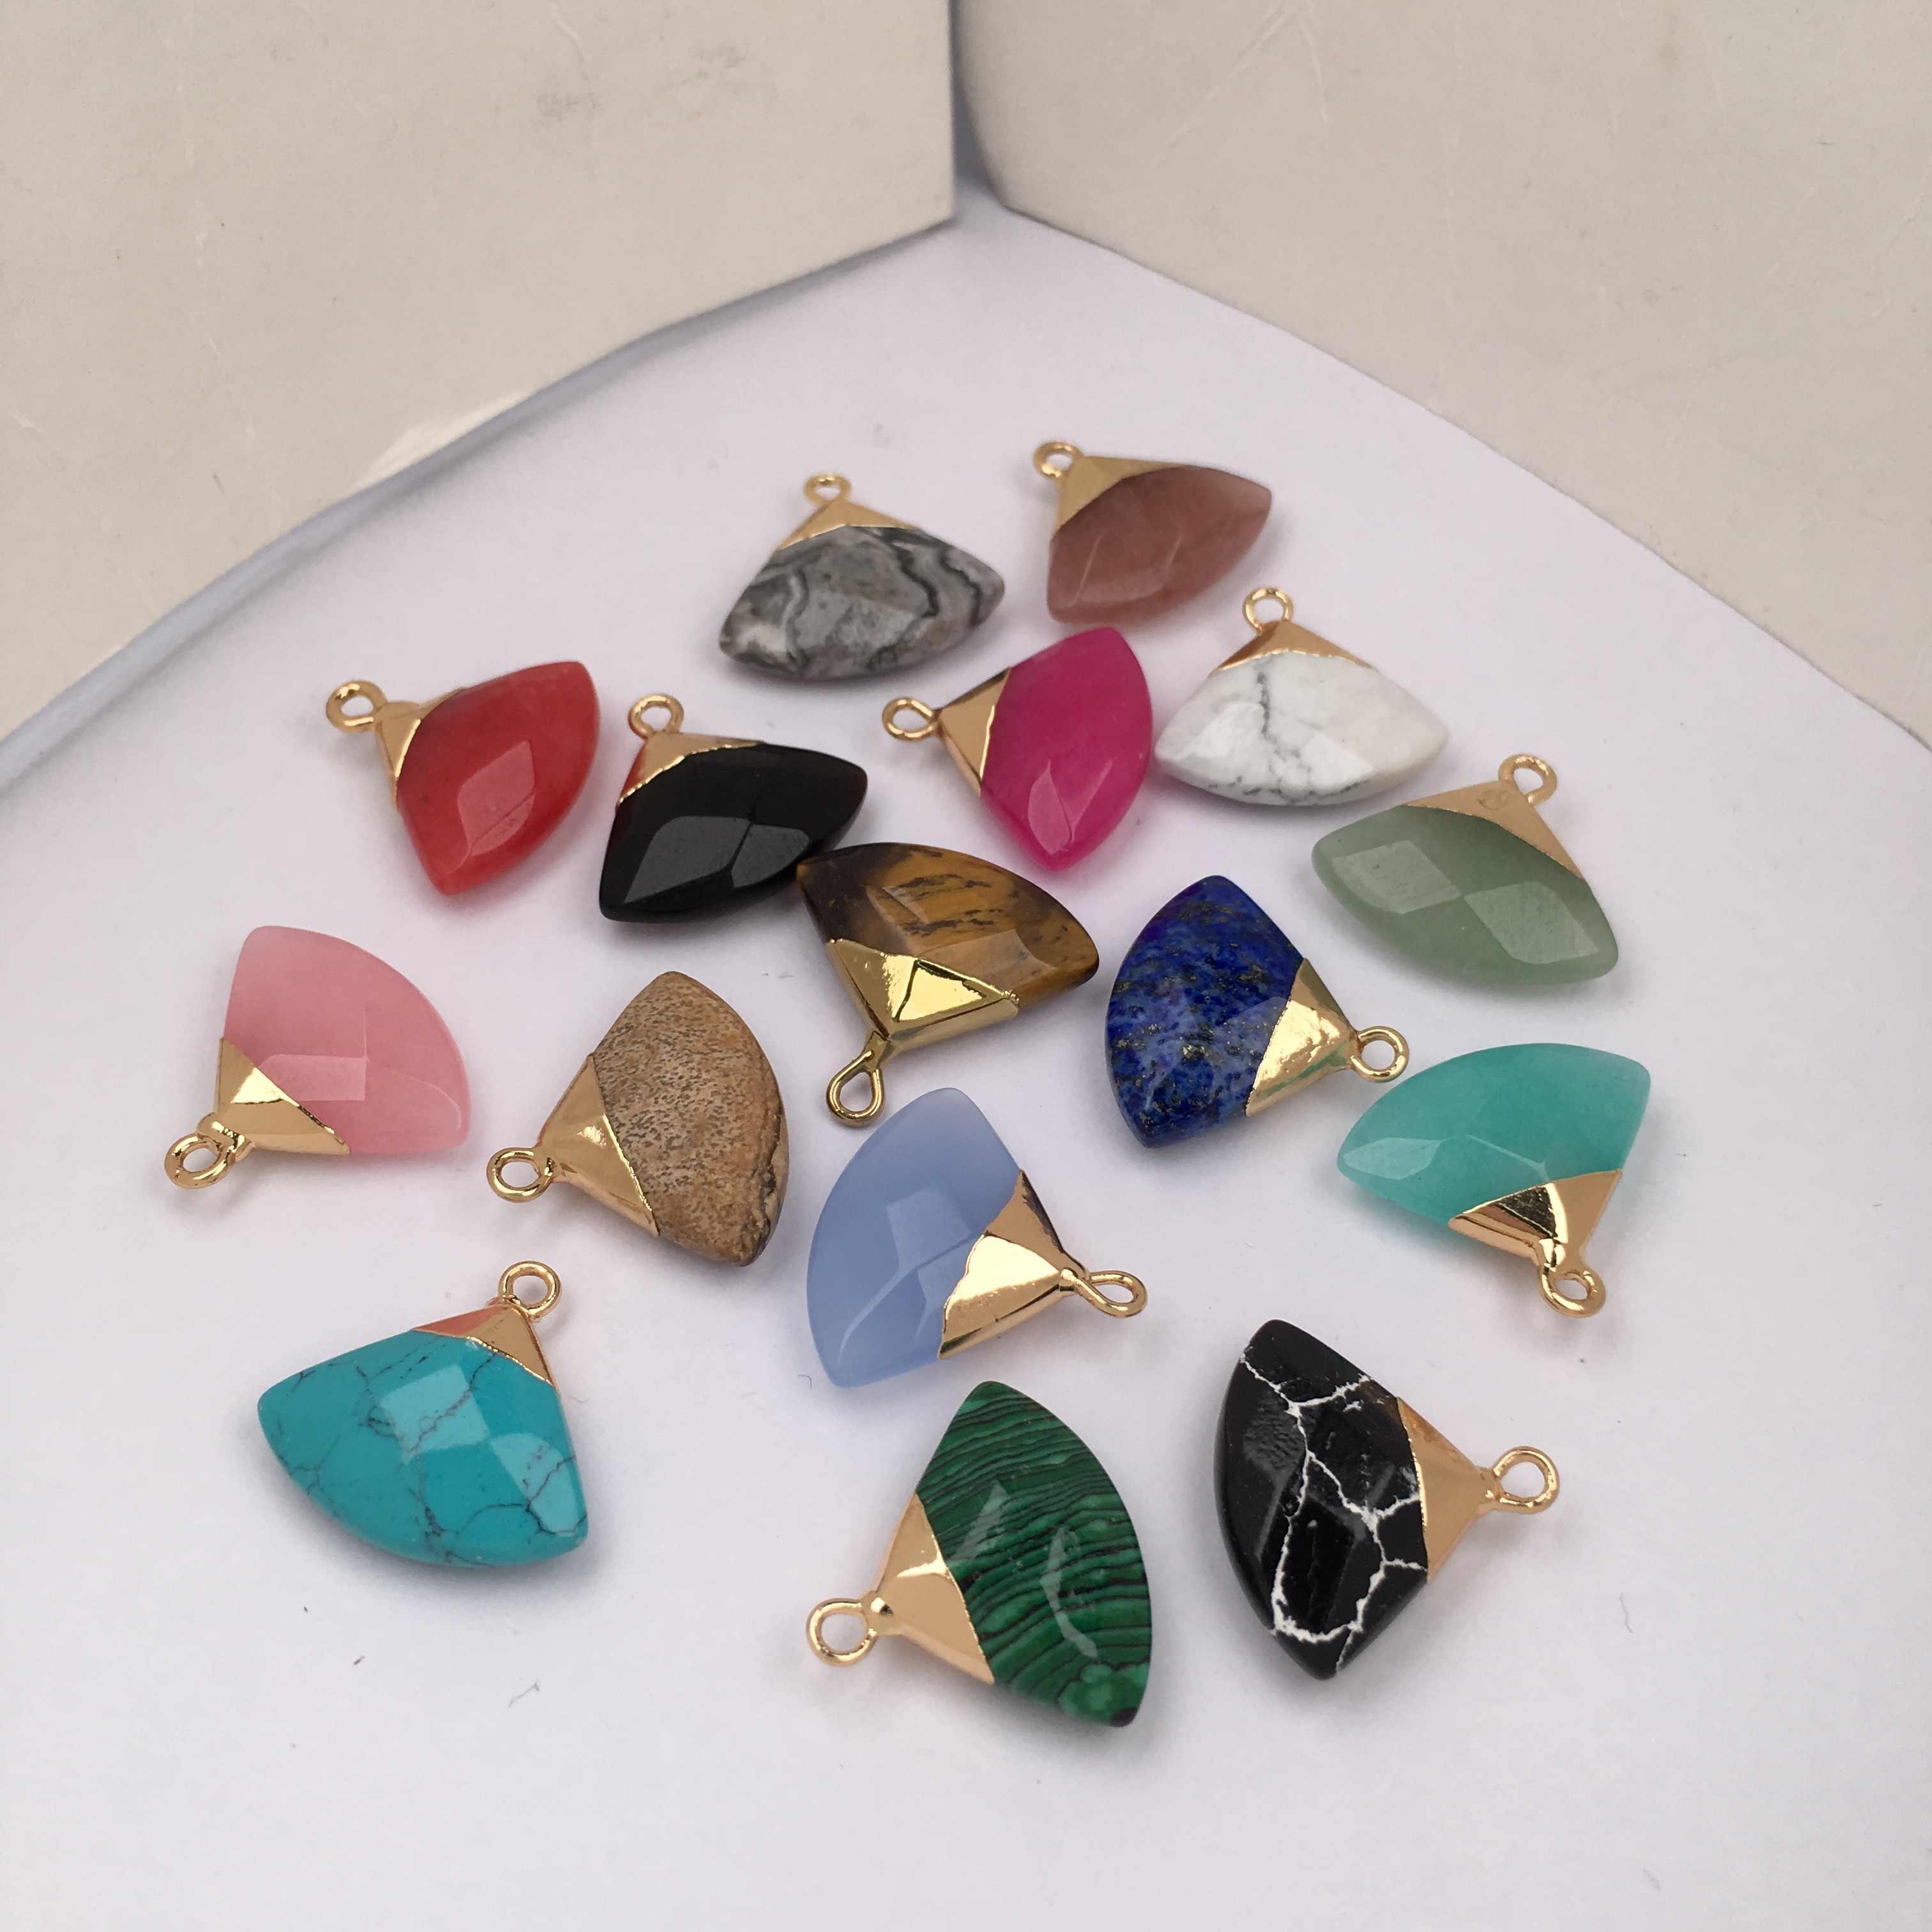 Nuovo Stile Forma di Settore di Pietra Naturale Pendenti con gemme e perle e Collana 100% Reale Pietra Pendenti con gemme e perle per Monili Che Fanno La Collana Delle Donne Degli Uomini del Regalo